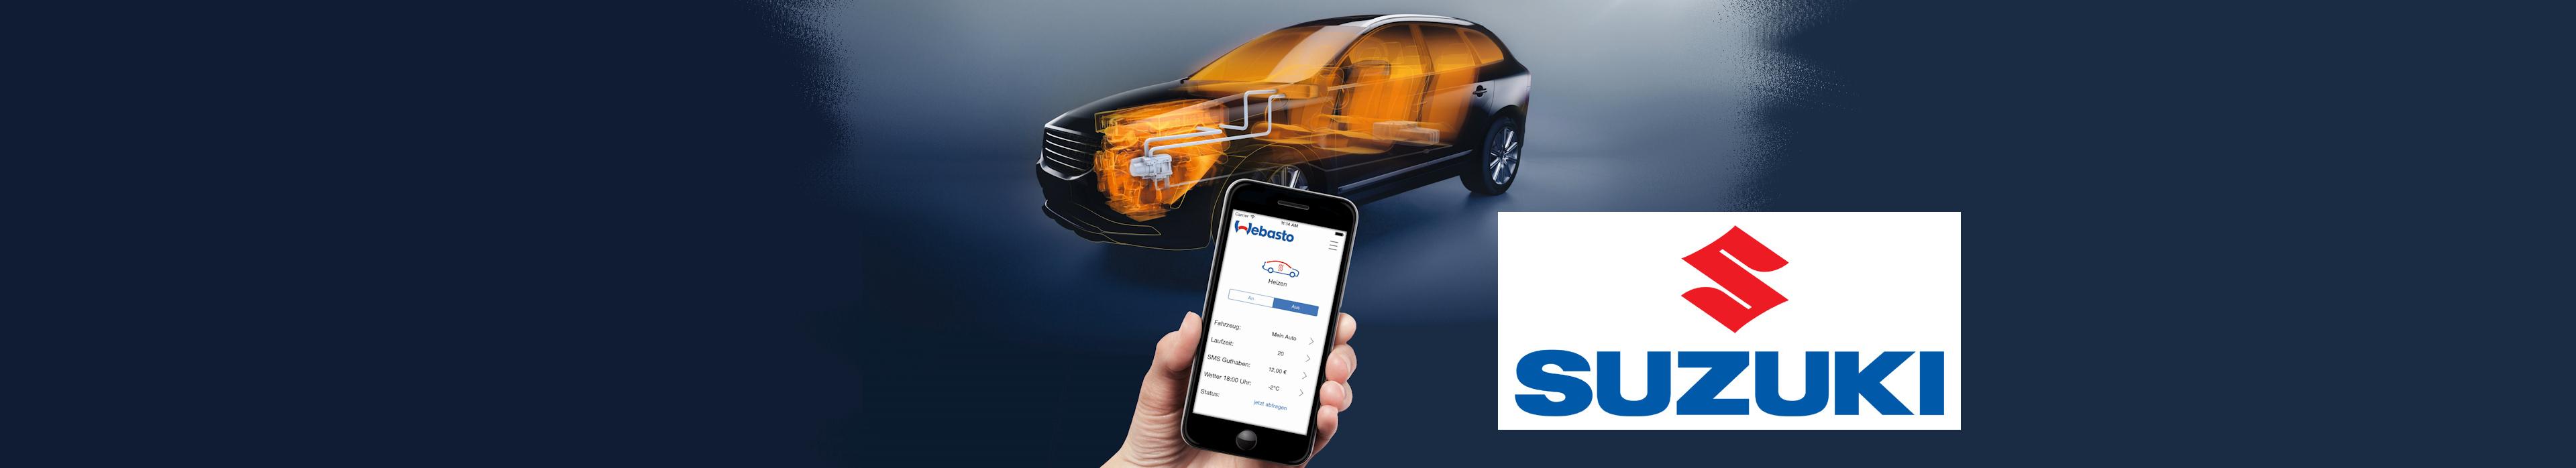 Wat kost een standkachel inbouwen bij Suzuki